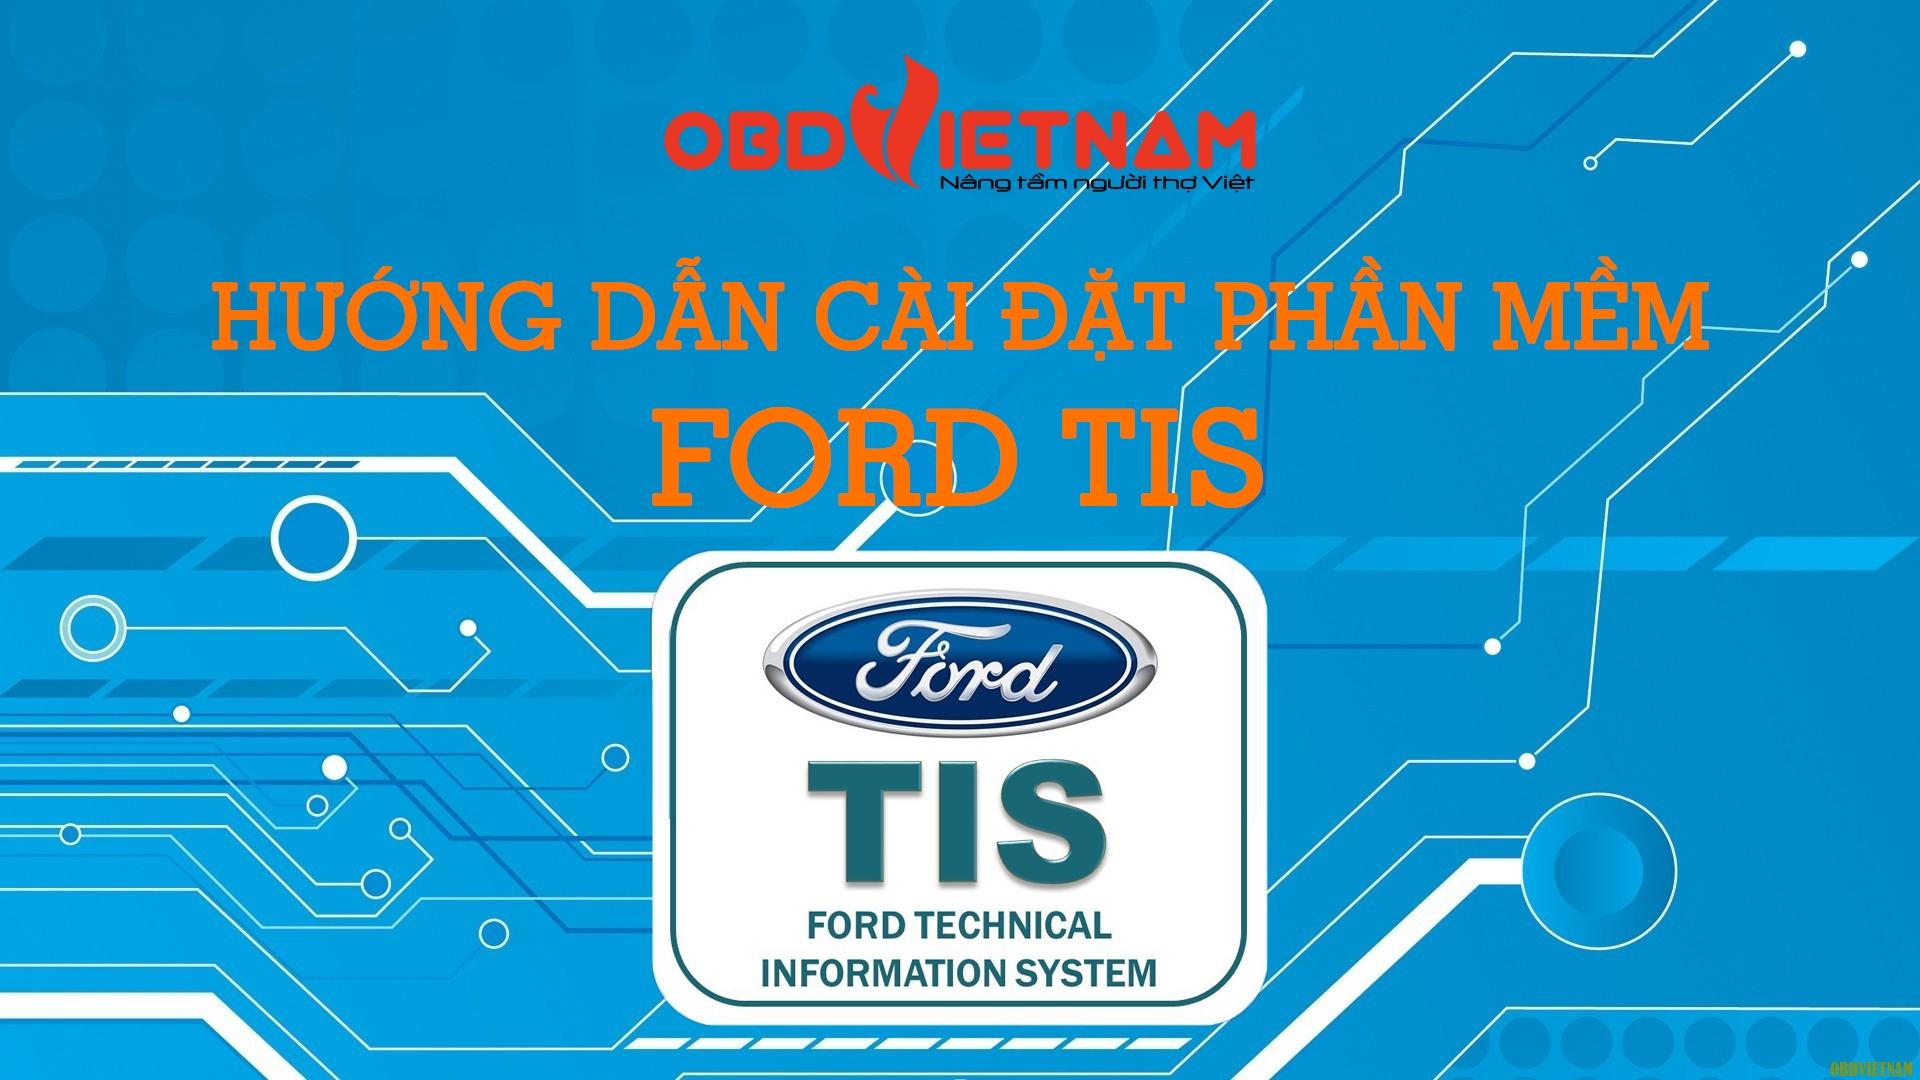 Thủ Thuật Máy Chẩn Đoán - Hướng Dẫn Cài Đặt Và Sử Dụng Phần Mềm Tra Cứu Sơ Đồ Mạch Điện Ford TIS